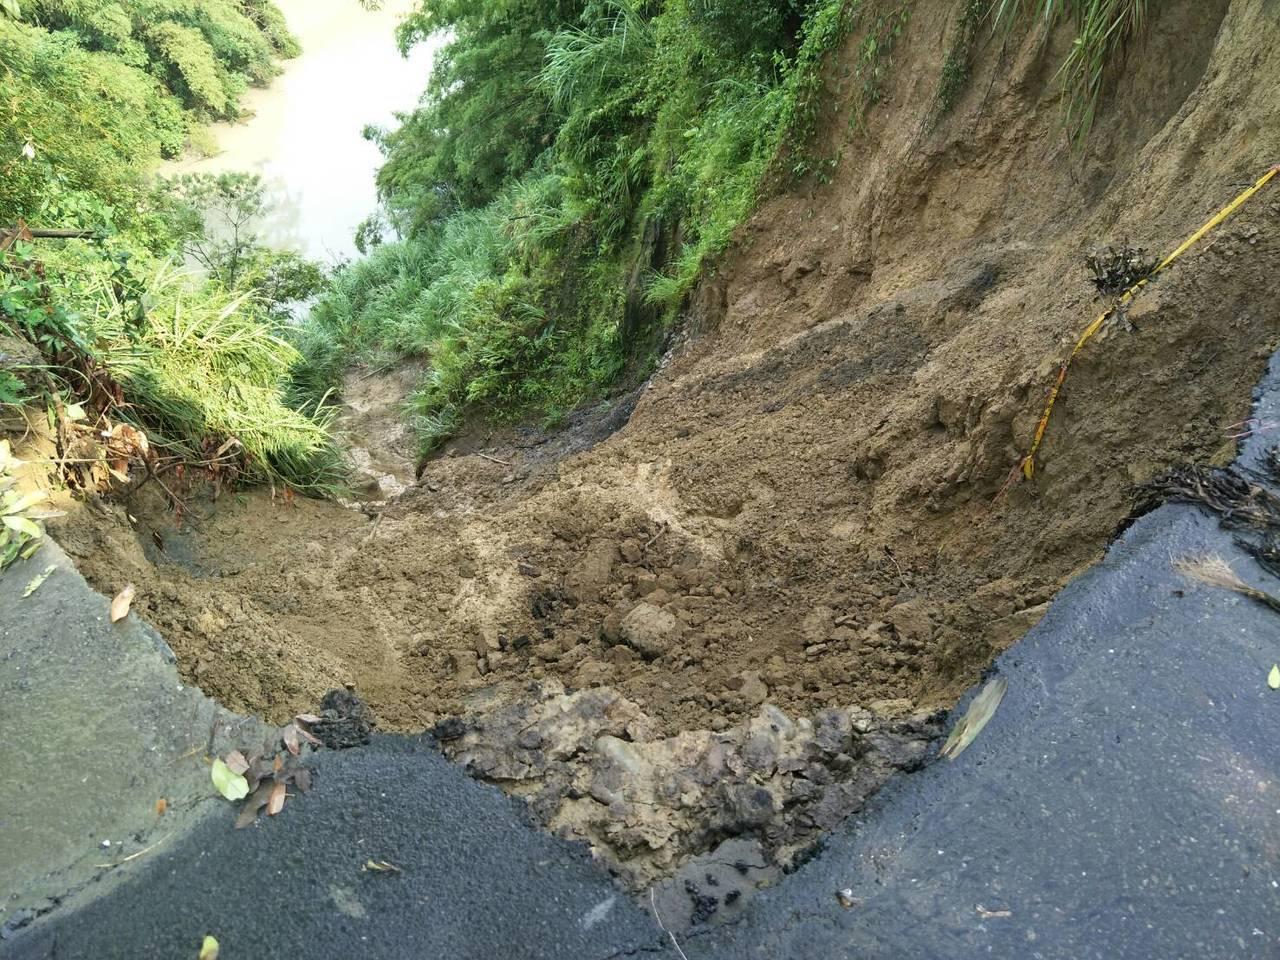 六甲山區多處土石滑落,交通受阻。記者謝進盛/翻攝